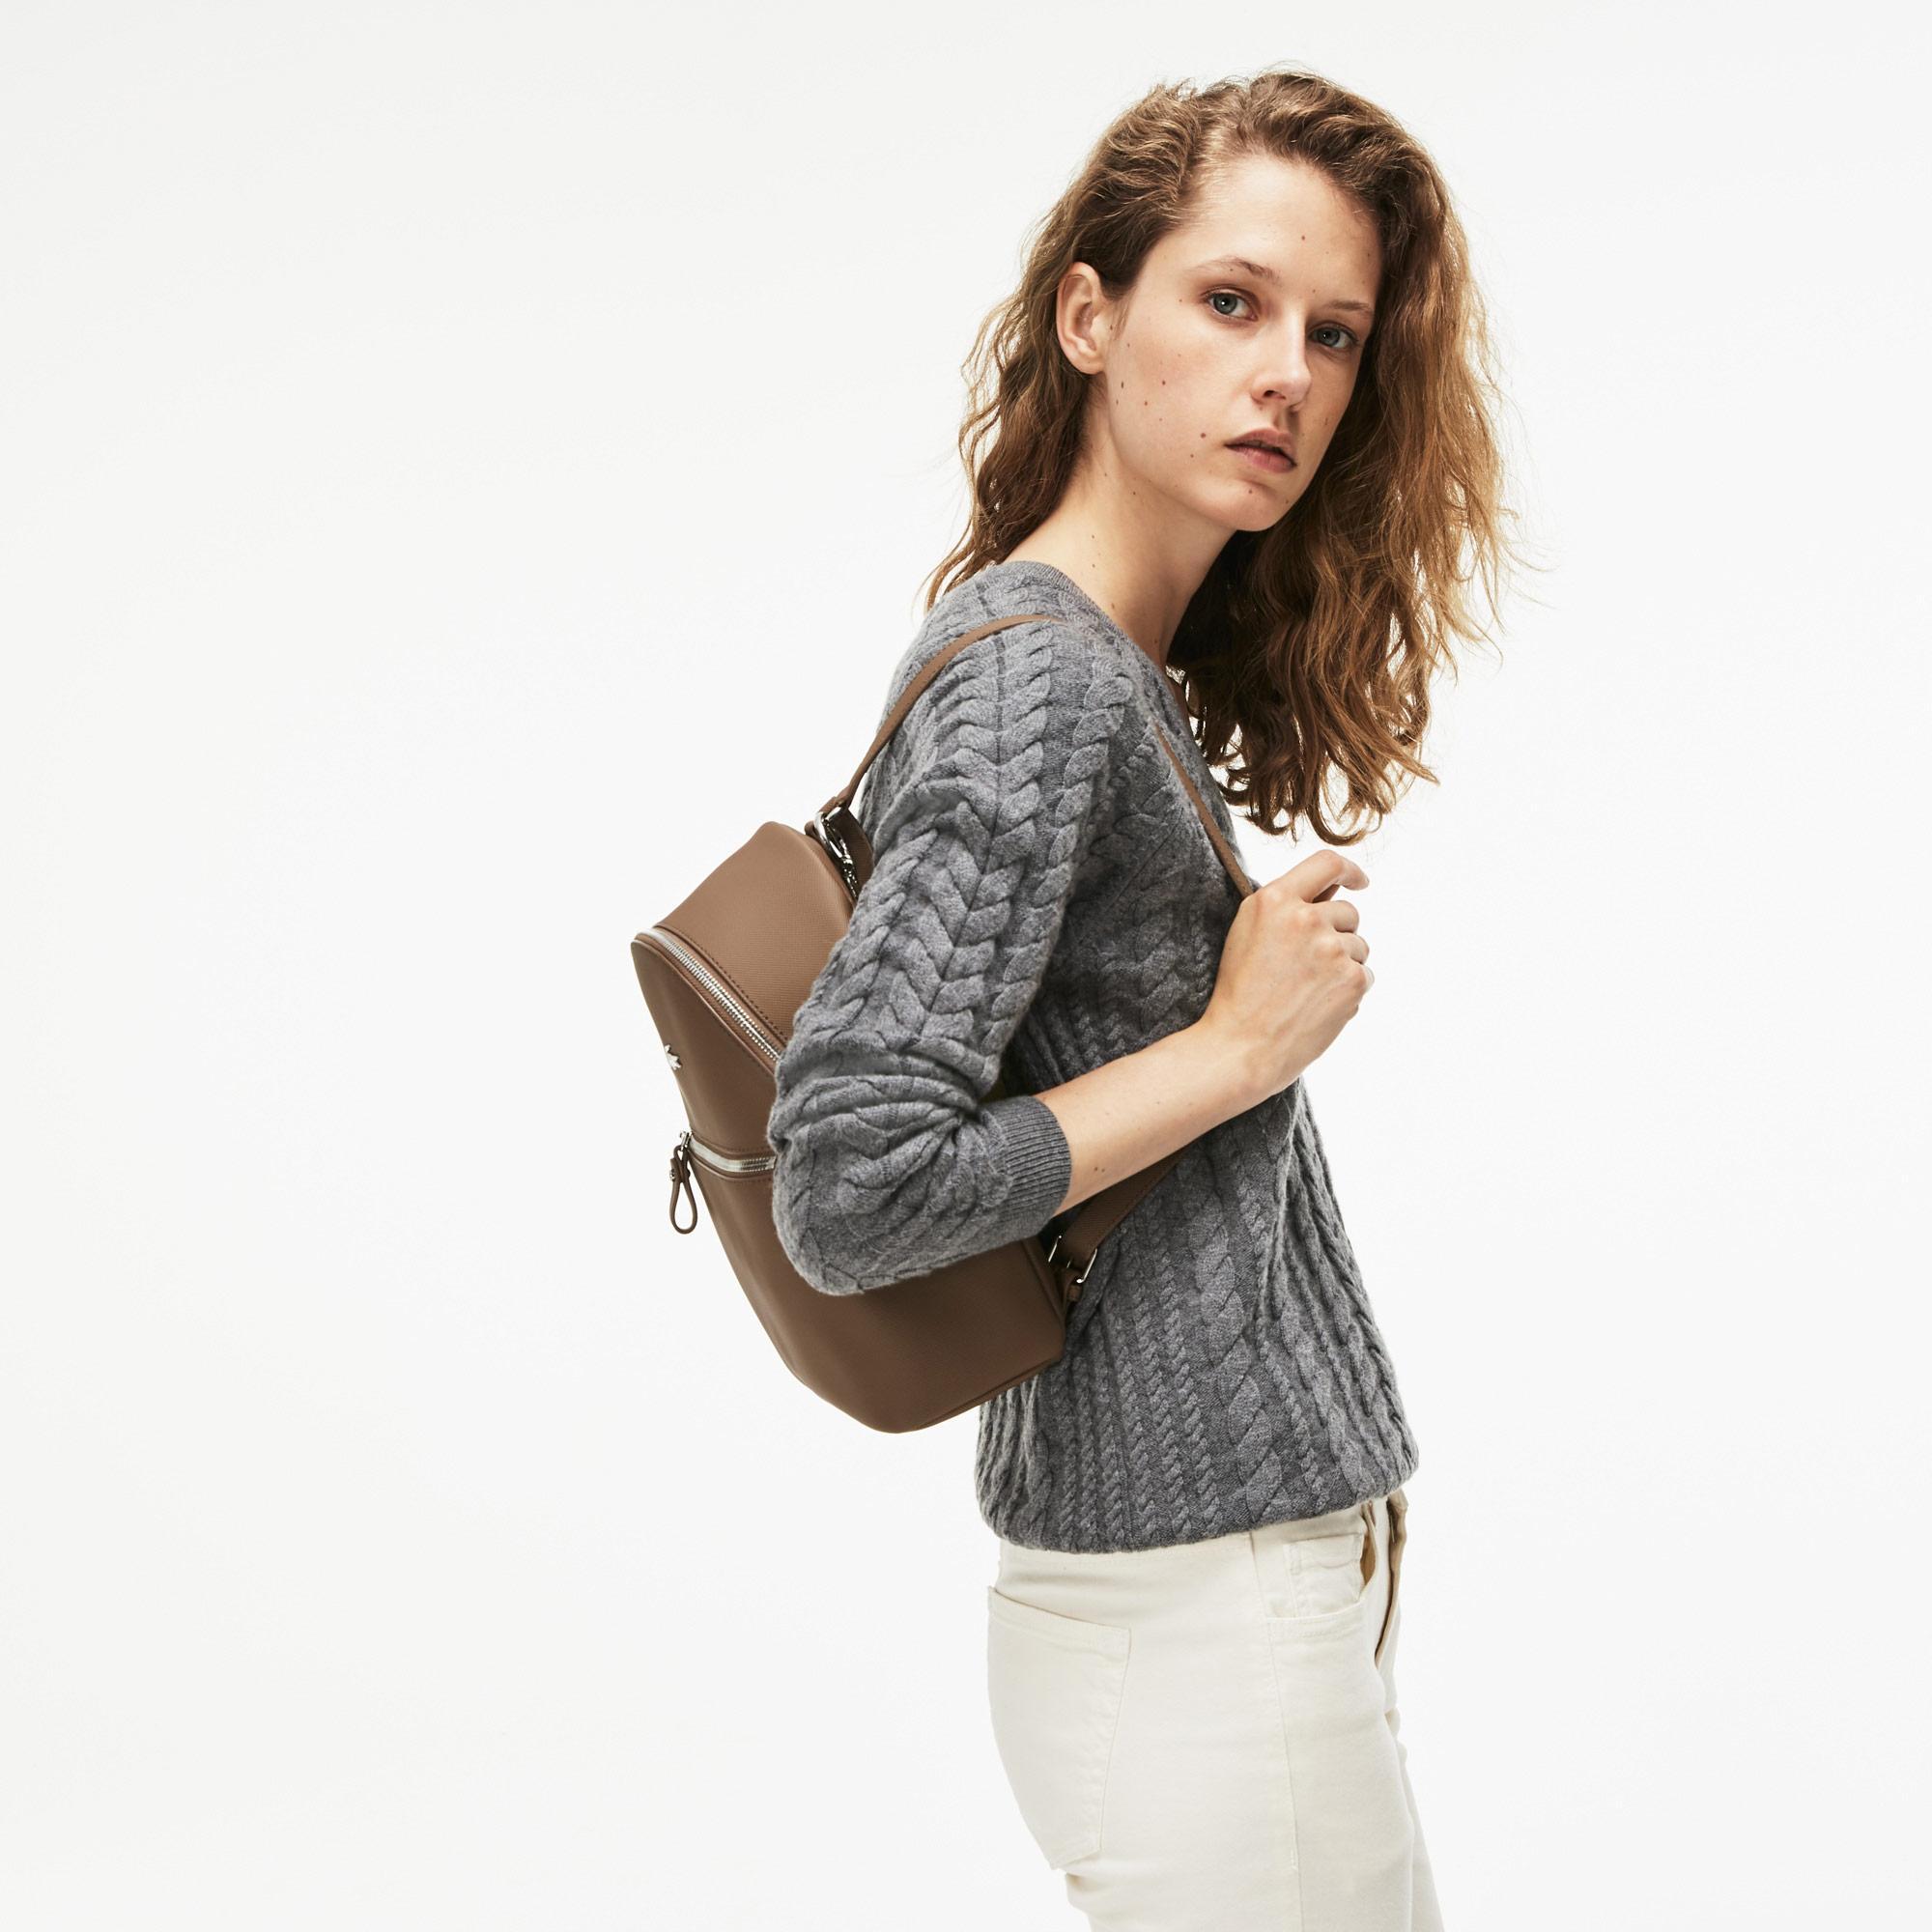 Lacoste Kadın Vizon Rengi Sırt Çantası